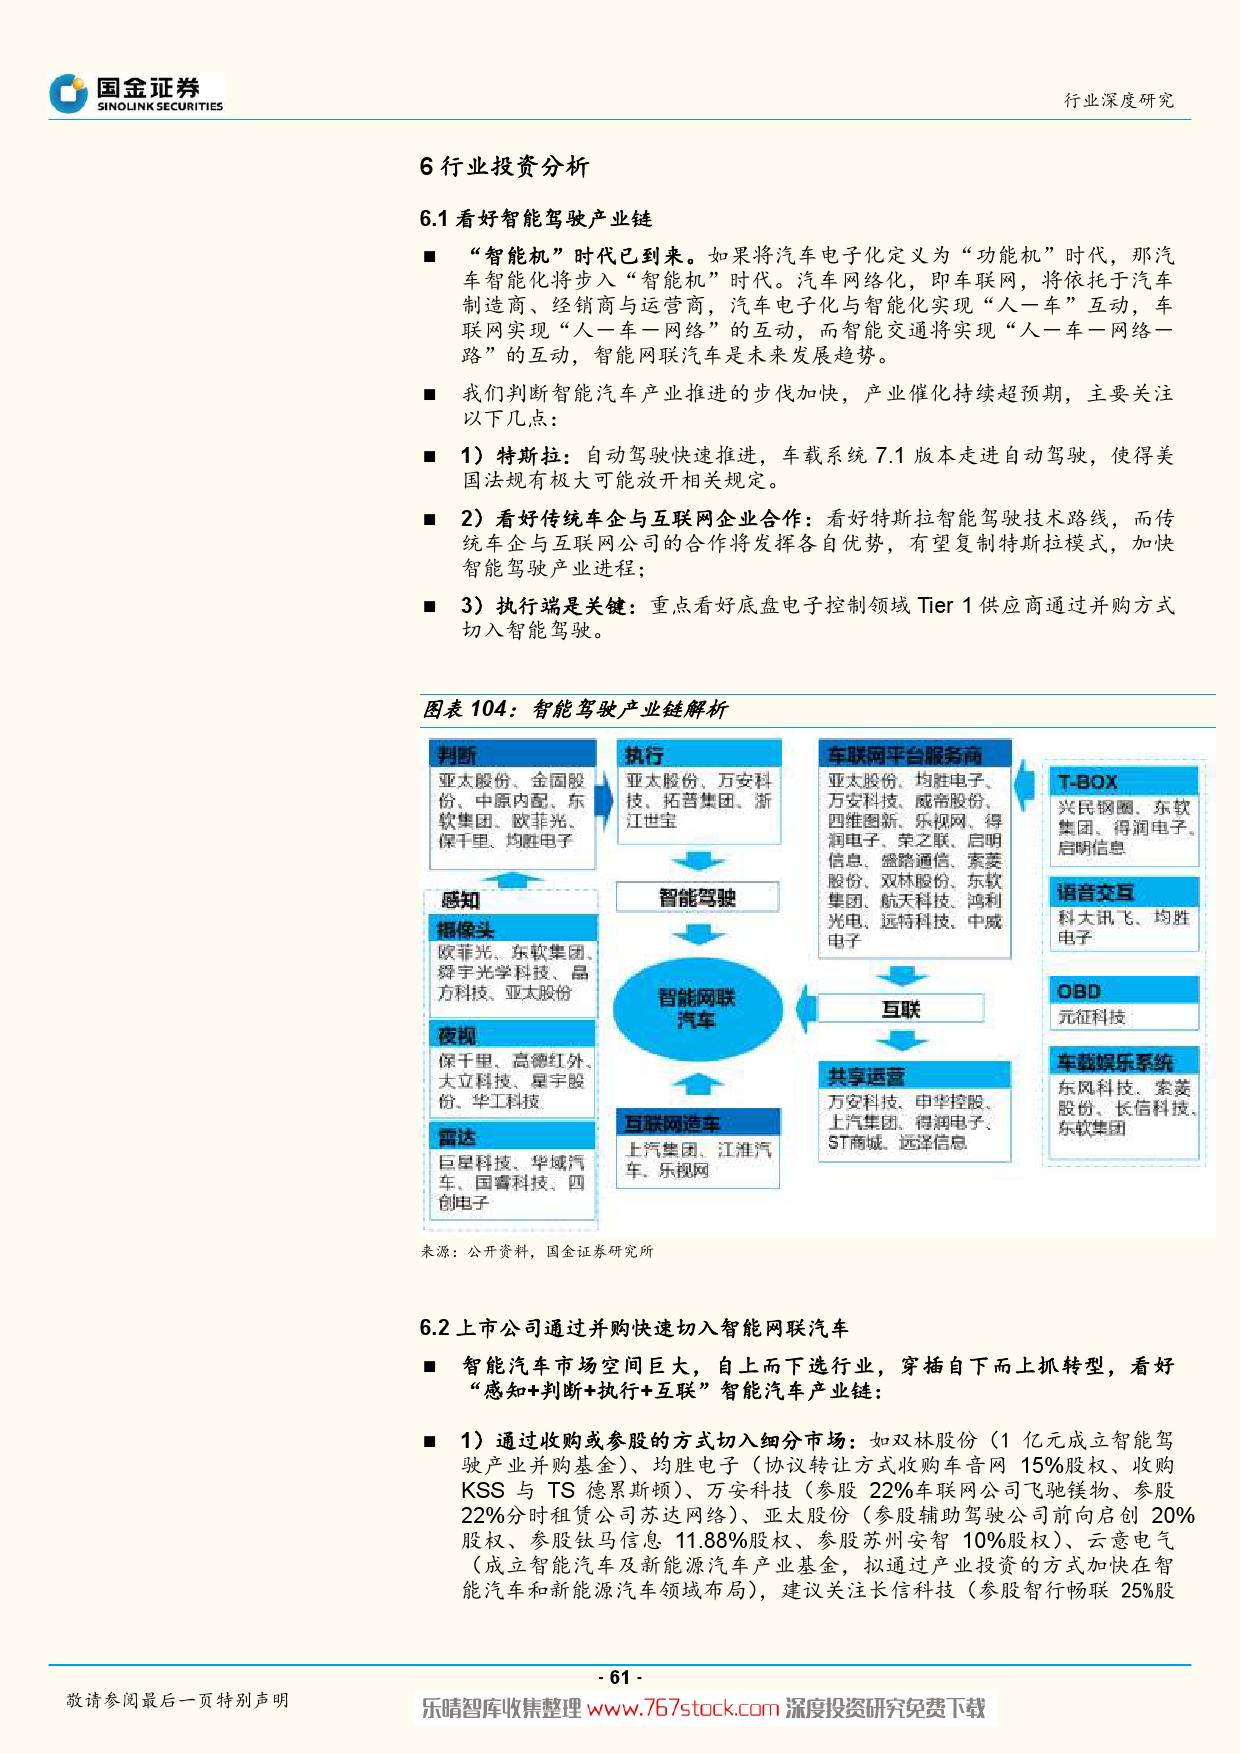 特斯拉产业系列深度报告-智能驾驶爆发在即_000061